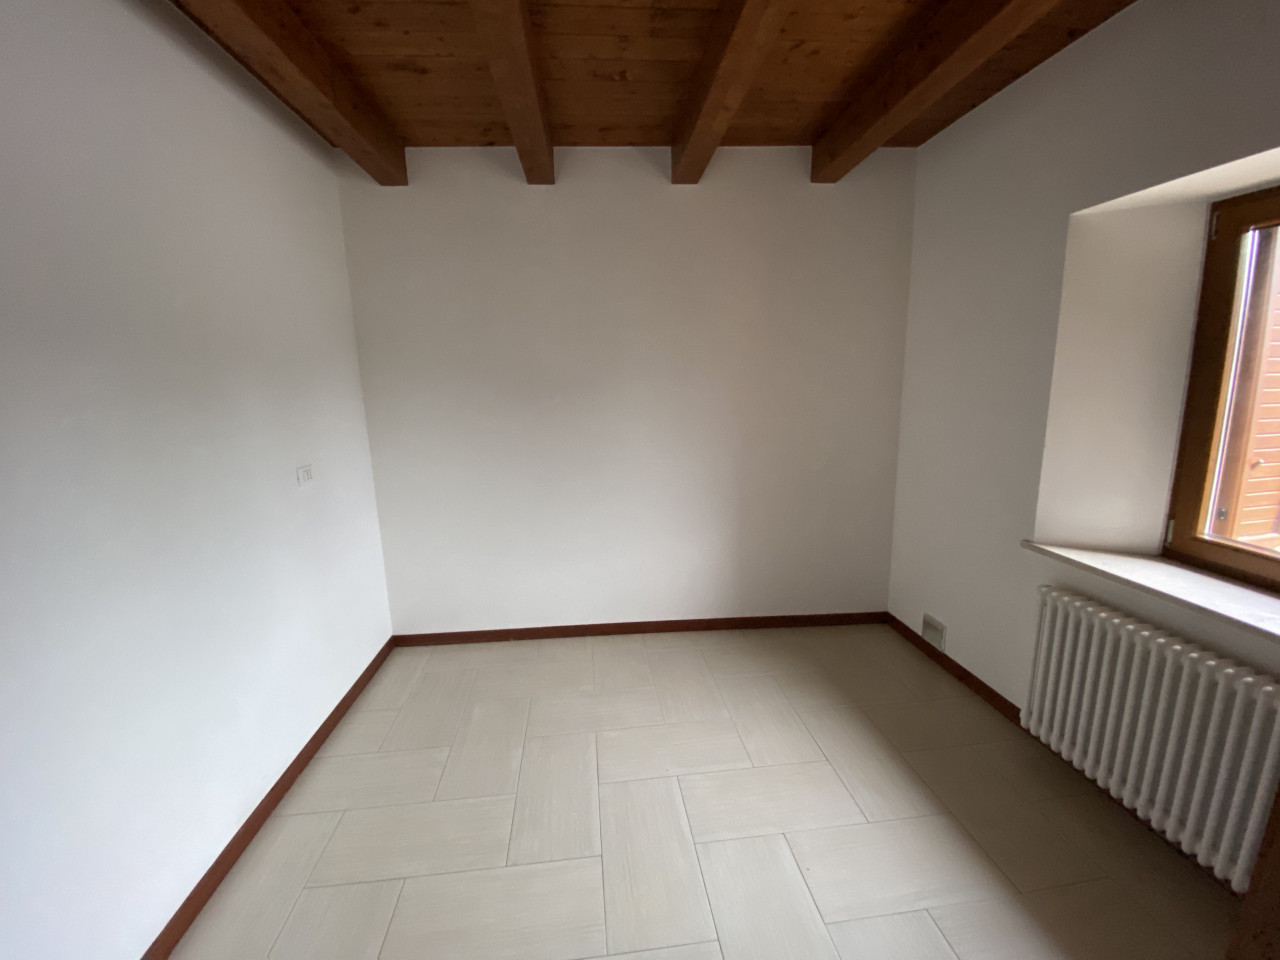 Appartamento bicamere piano terra in vendita a Valvasone-Arzene Rif.A27 https://media.gestionaleimmobiliare.it/foto/annunci/191220/2124930/1280x1280/004__img_1758.jpg